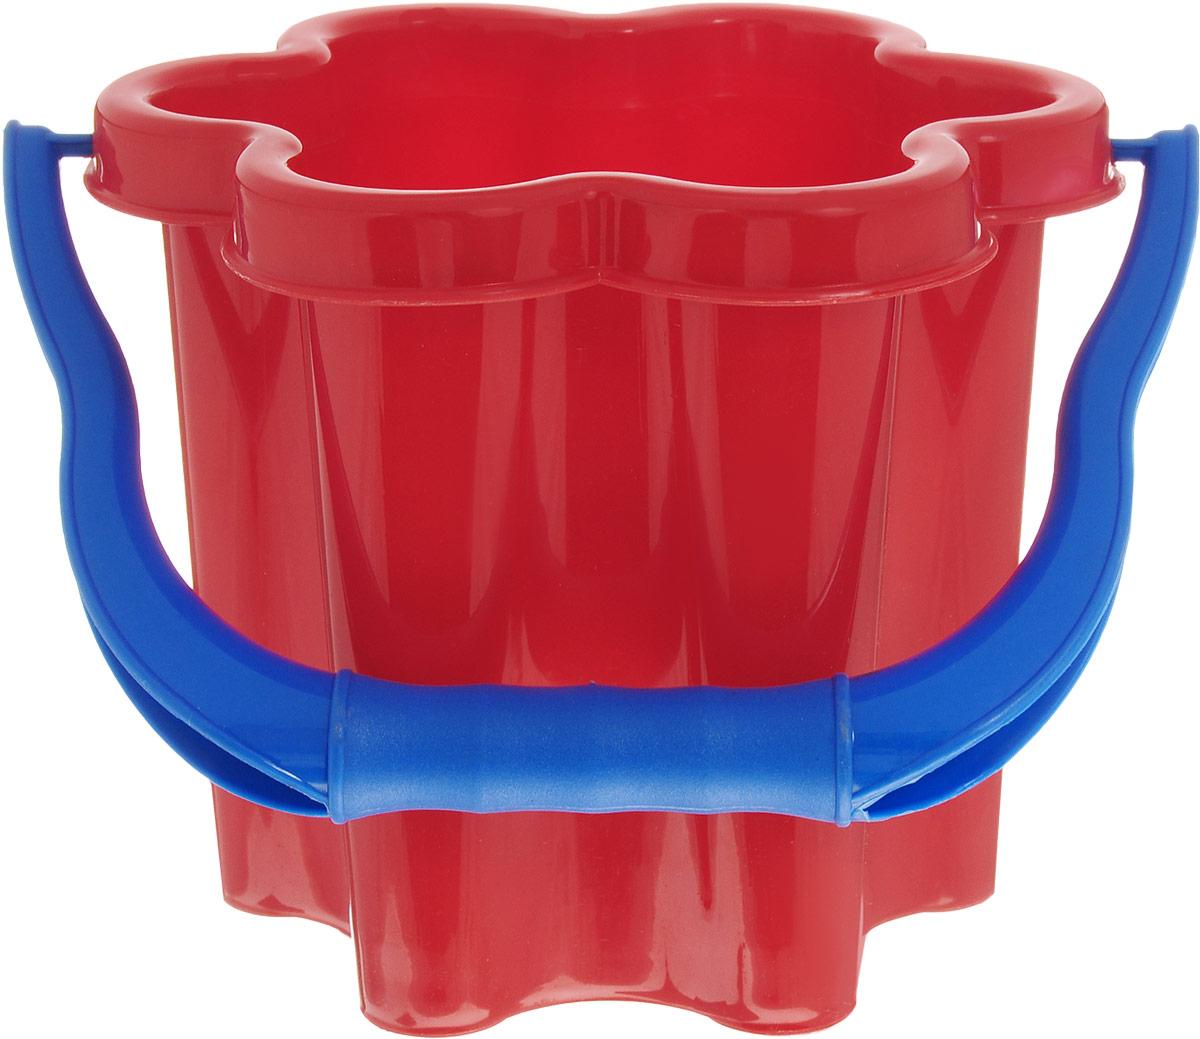 """Ведро """"Hemar"""" выполнено из безопасного пластика. С помощью него ребенок сможет переносить песок и воду, лепить замки и многое другое.С ярким ведерком игры на свежем воздухе принесут вашему малышу одно удовольствие!  Уважаемые клиенты! Обращаем ваше внимание на цветовой ассортимент товара. Поставка осуществляется в зависимости от наличия на складе."""